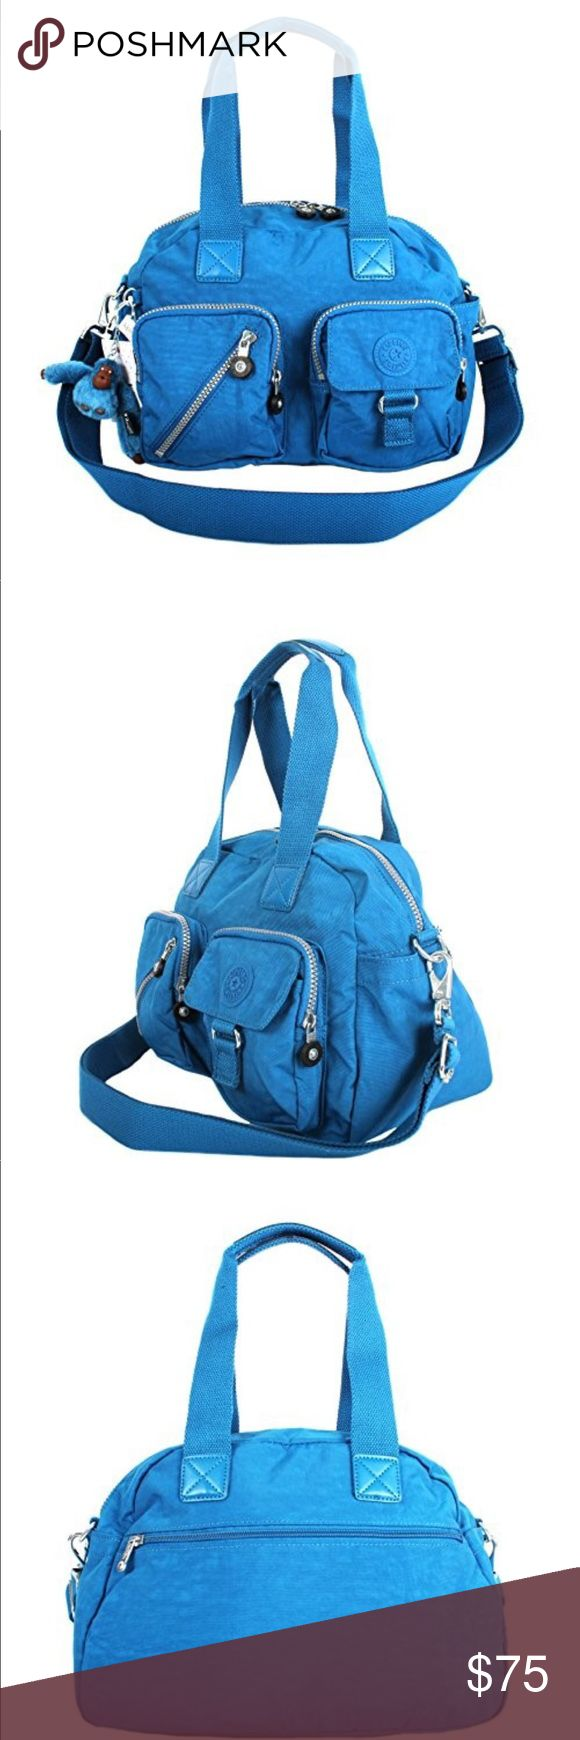 25 best ideas about kipling backpack on pinterest school handbags - Kipling Defea Cross Body Blue One Size